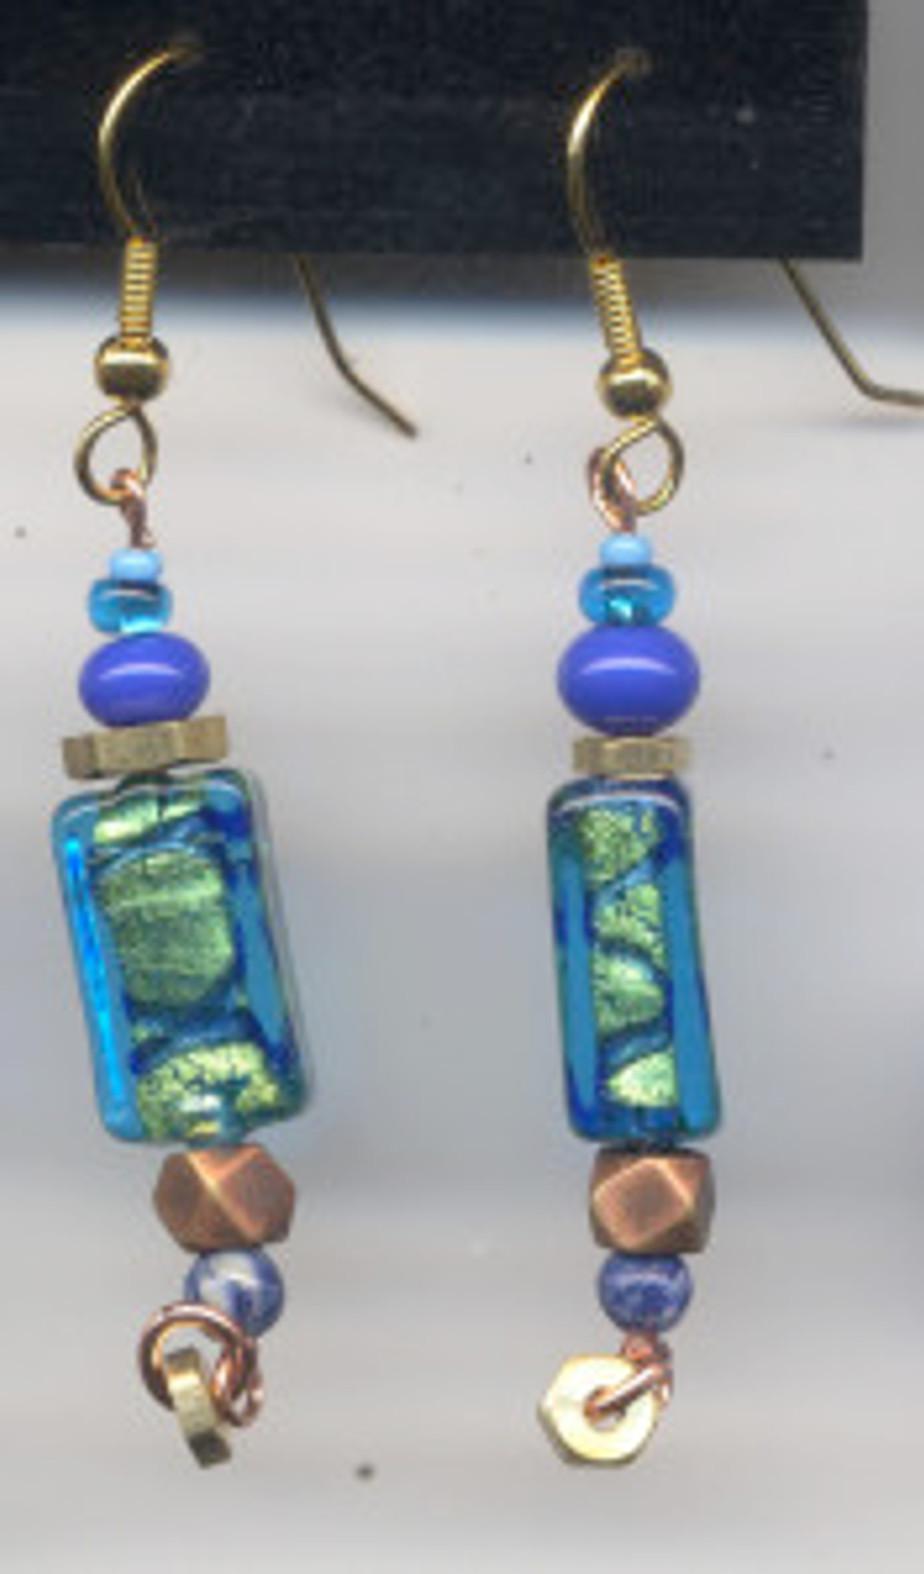 Ocean earrings - $30